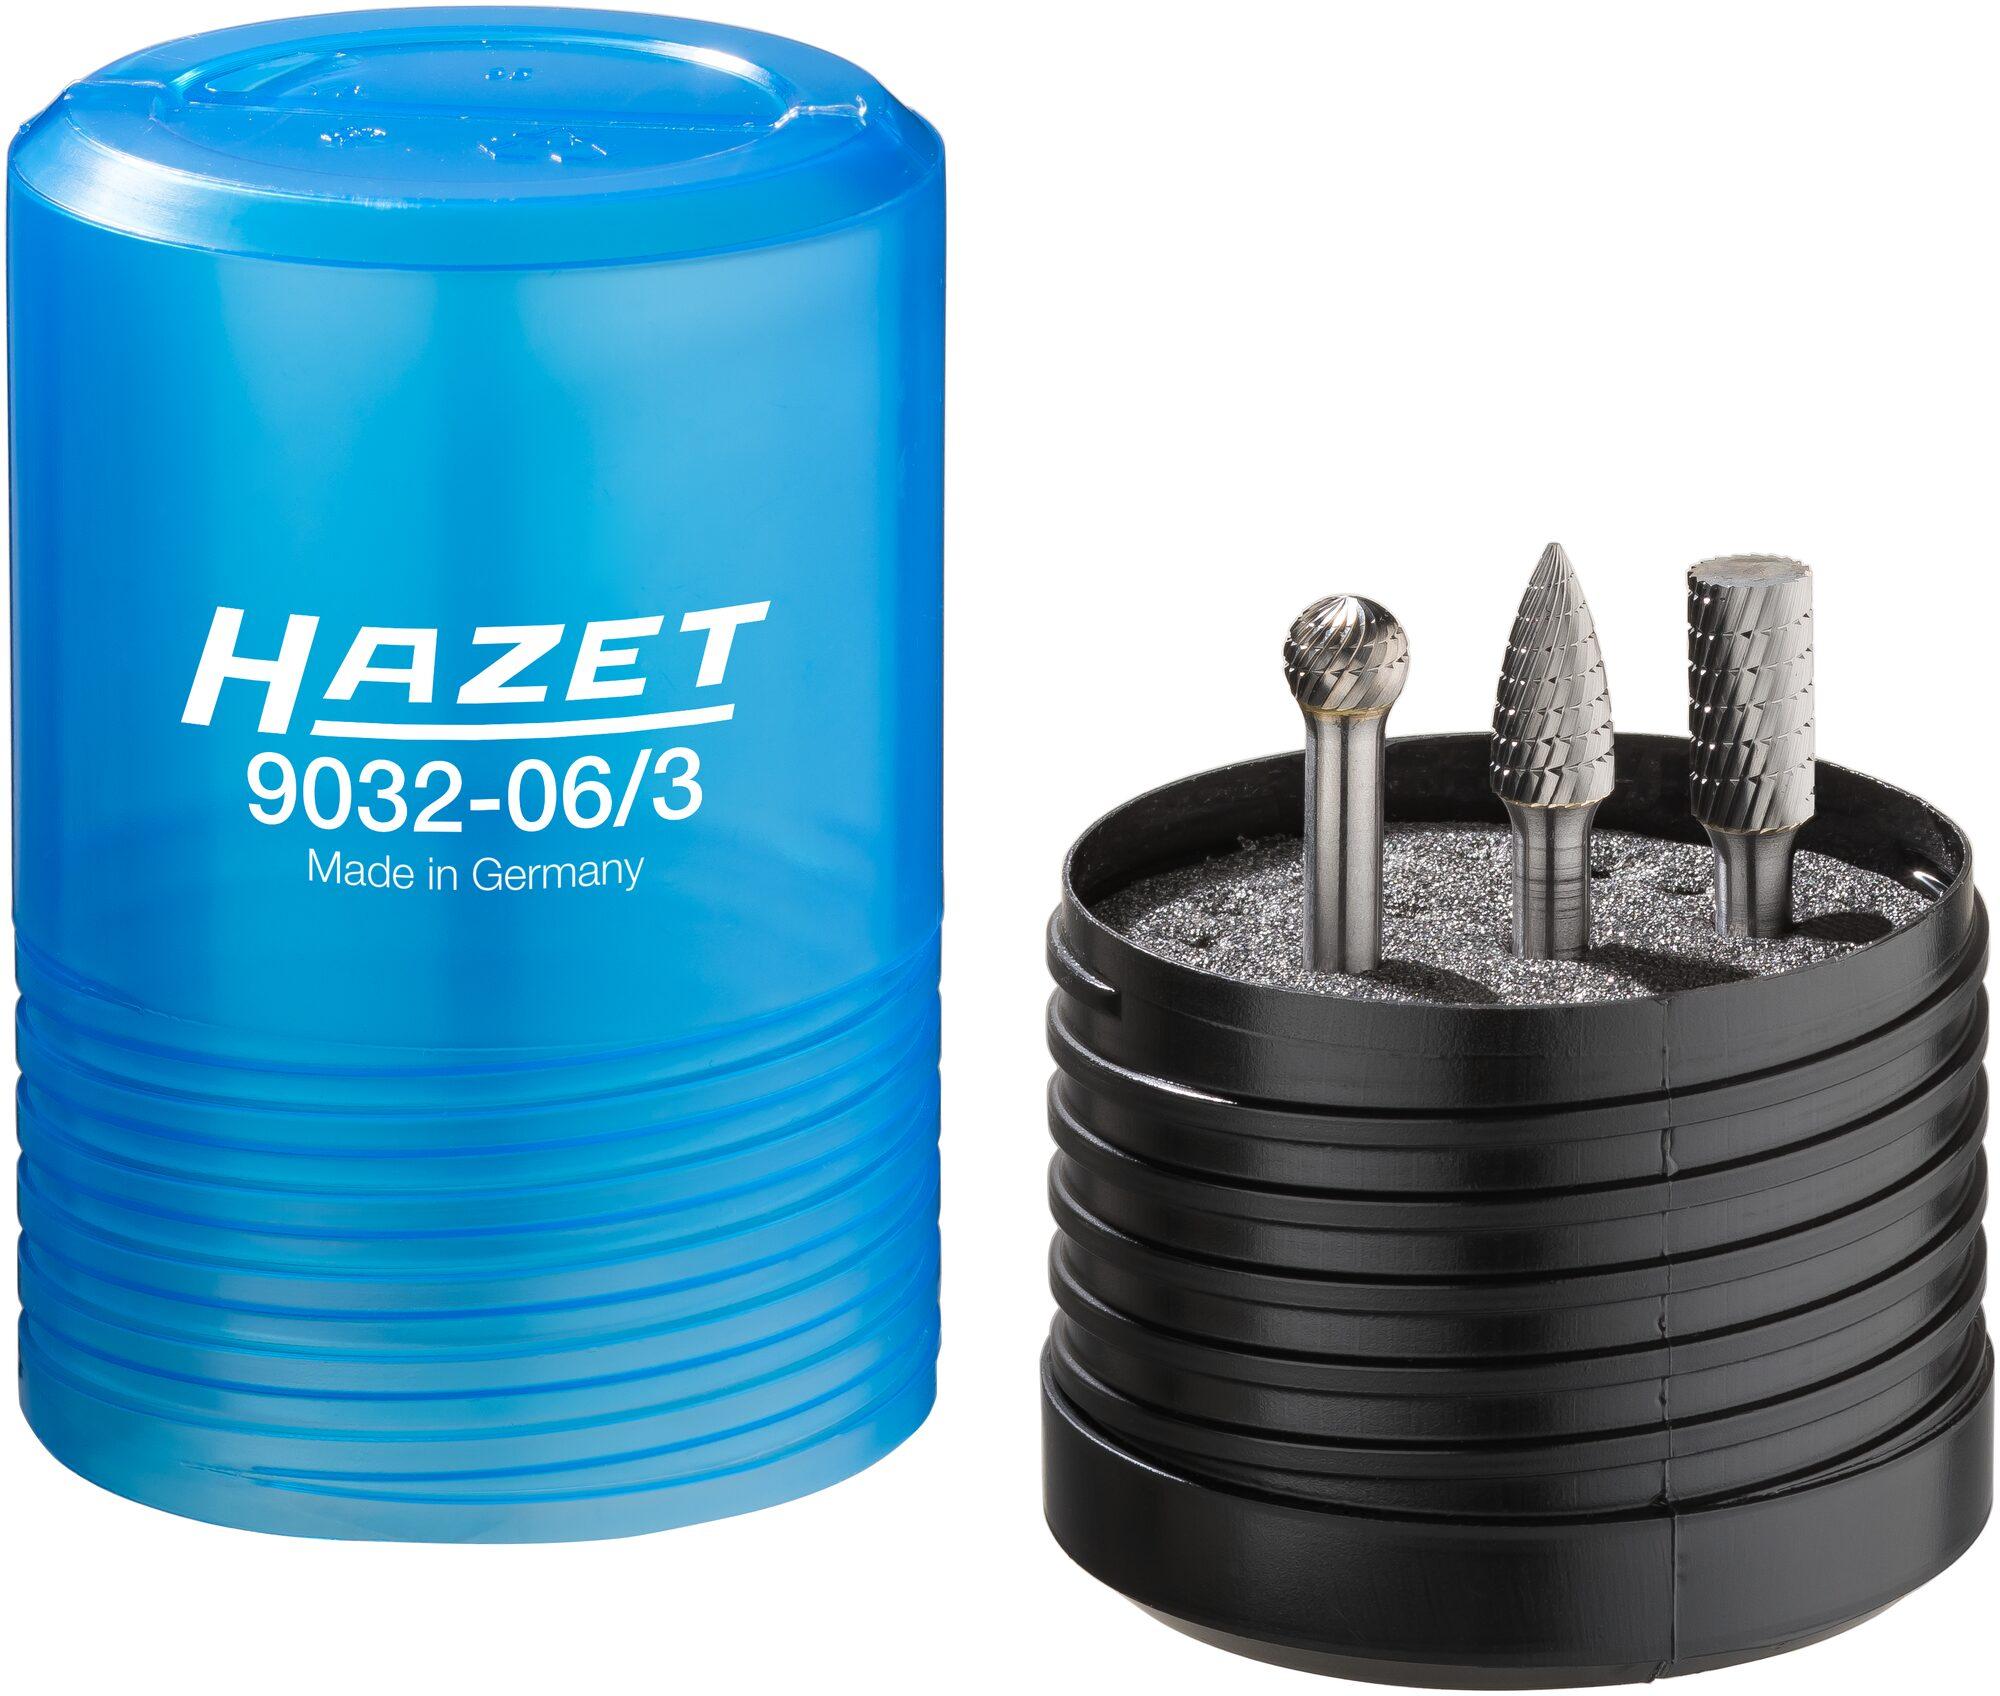 HAZET Hartmetall Frässtift Satz ∙ 6mm 9032-06/3 ∙ Anzahl Werkzeuge: 3